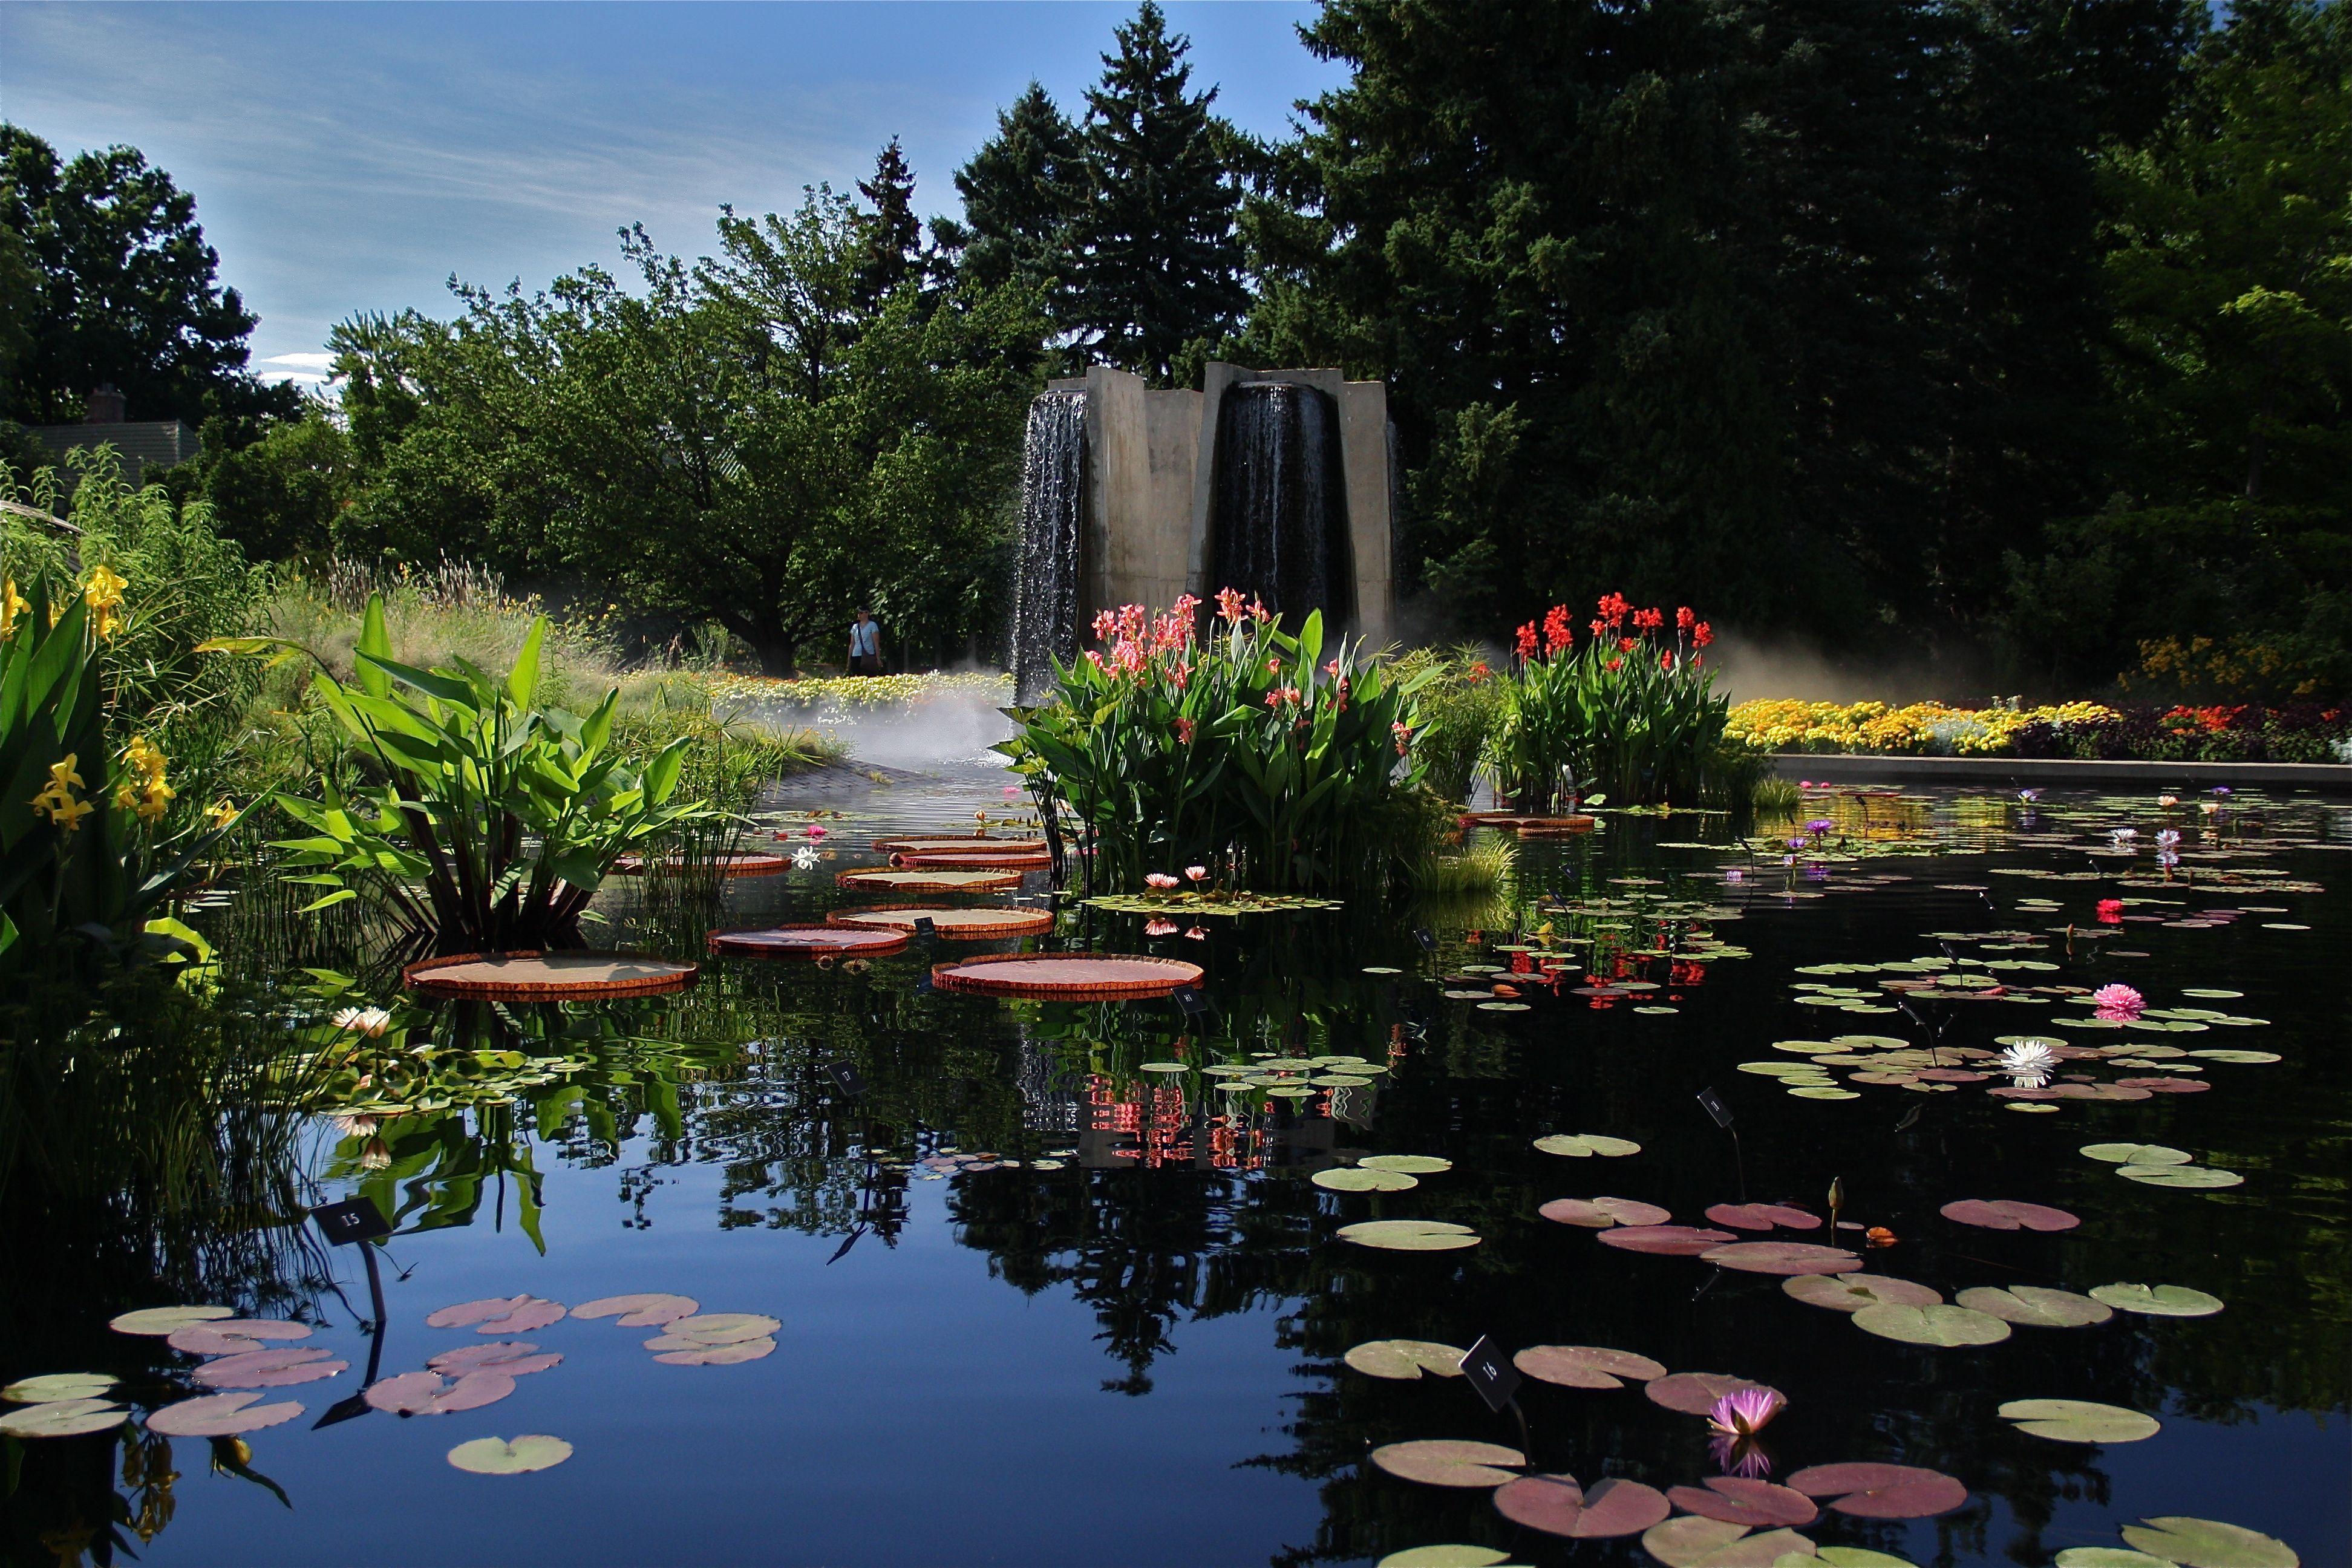 Denver Botanic Gardens | IWGS Competition Pond At Denver Botanic Gardens